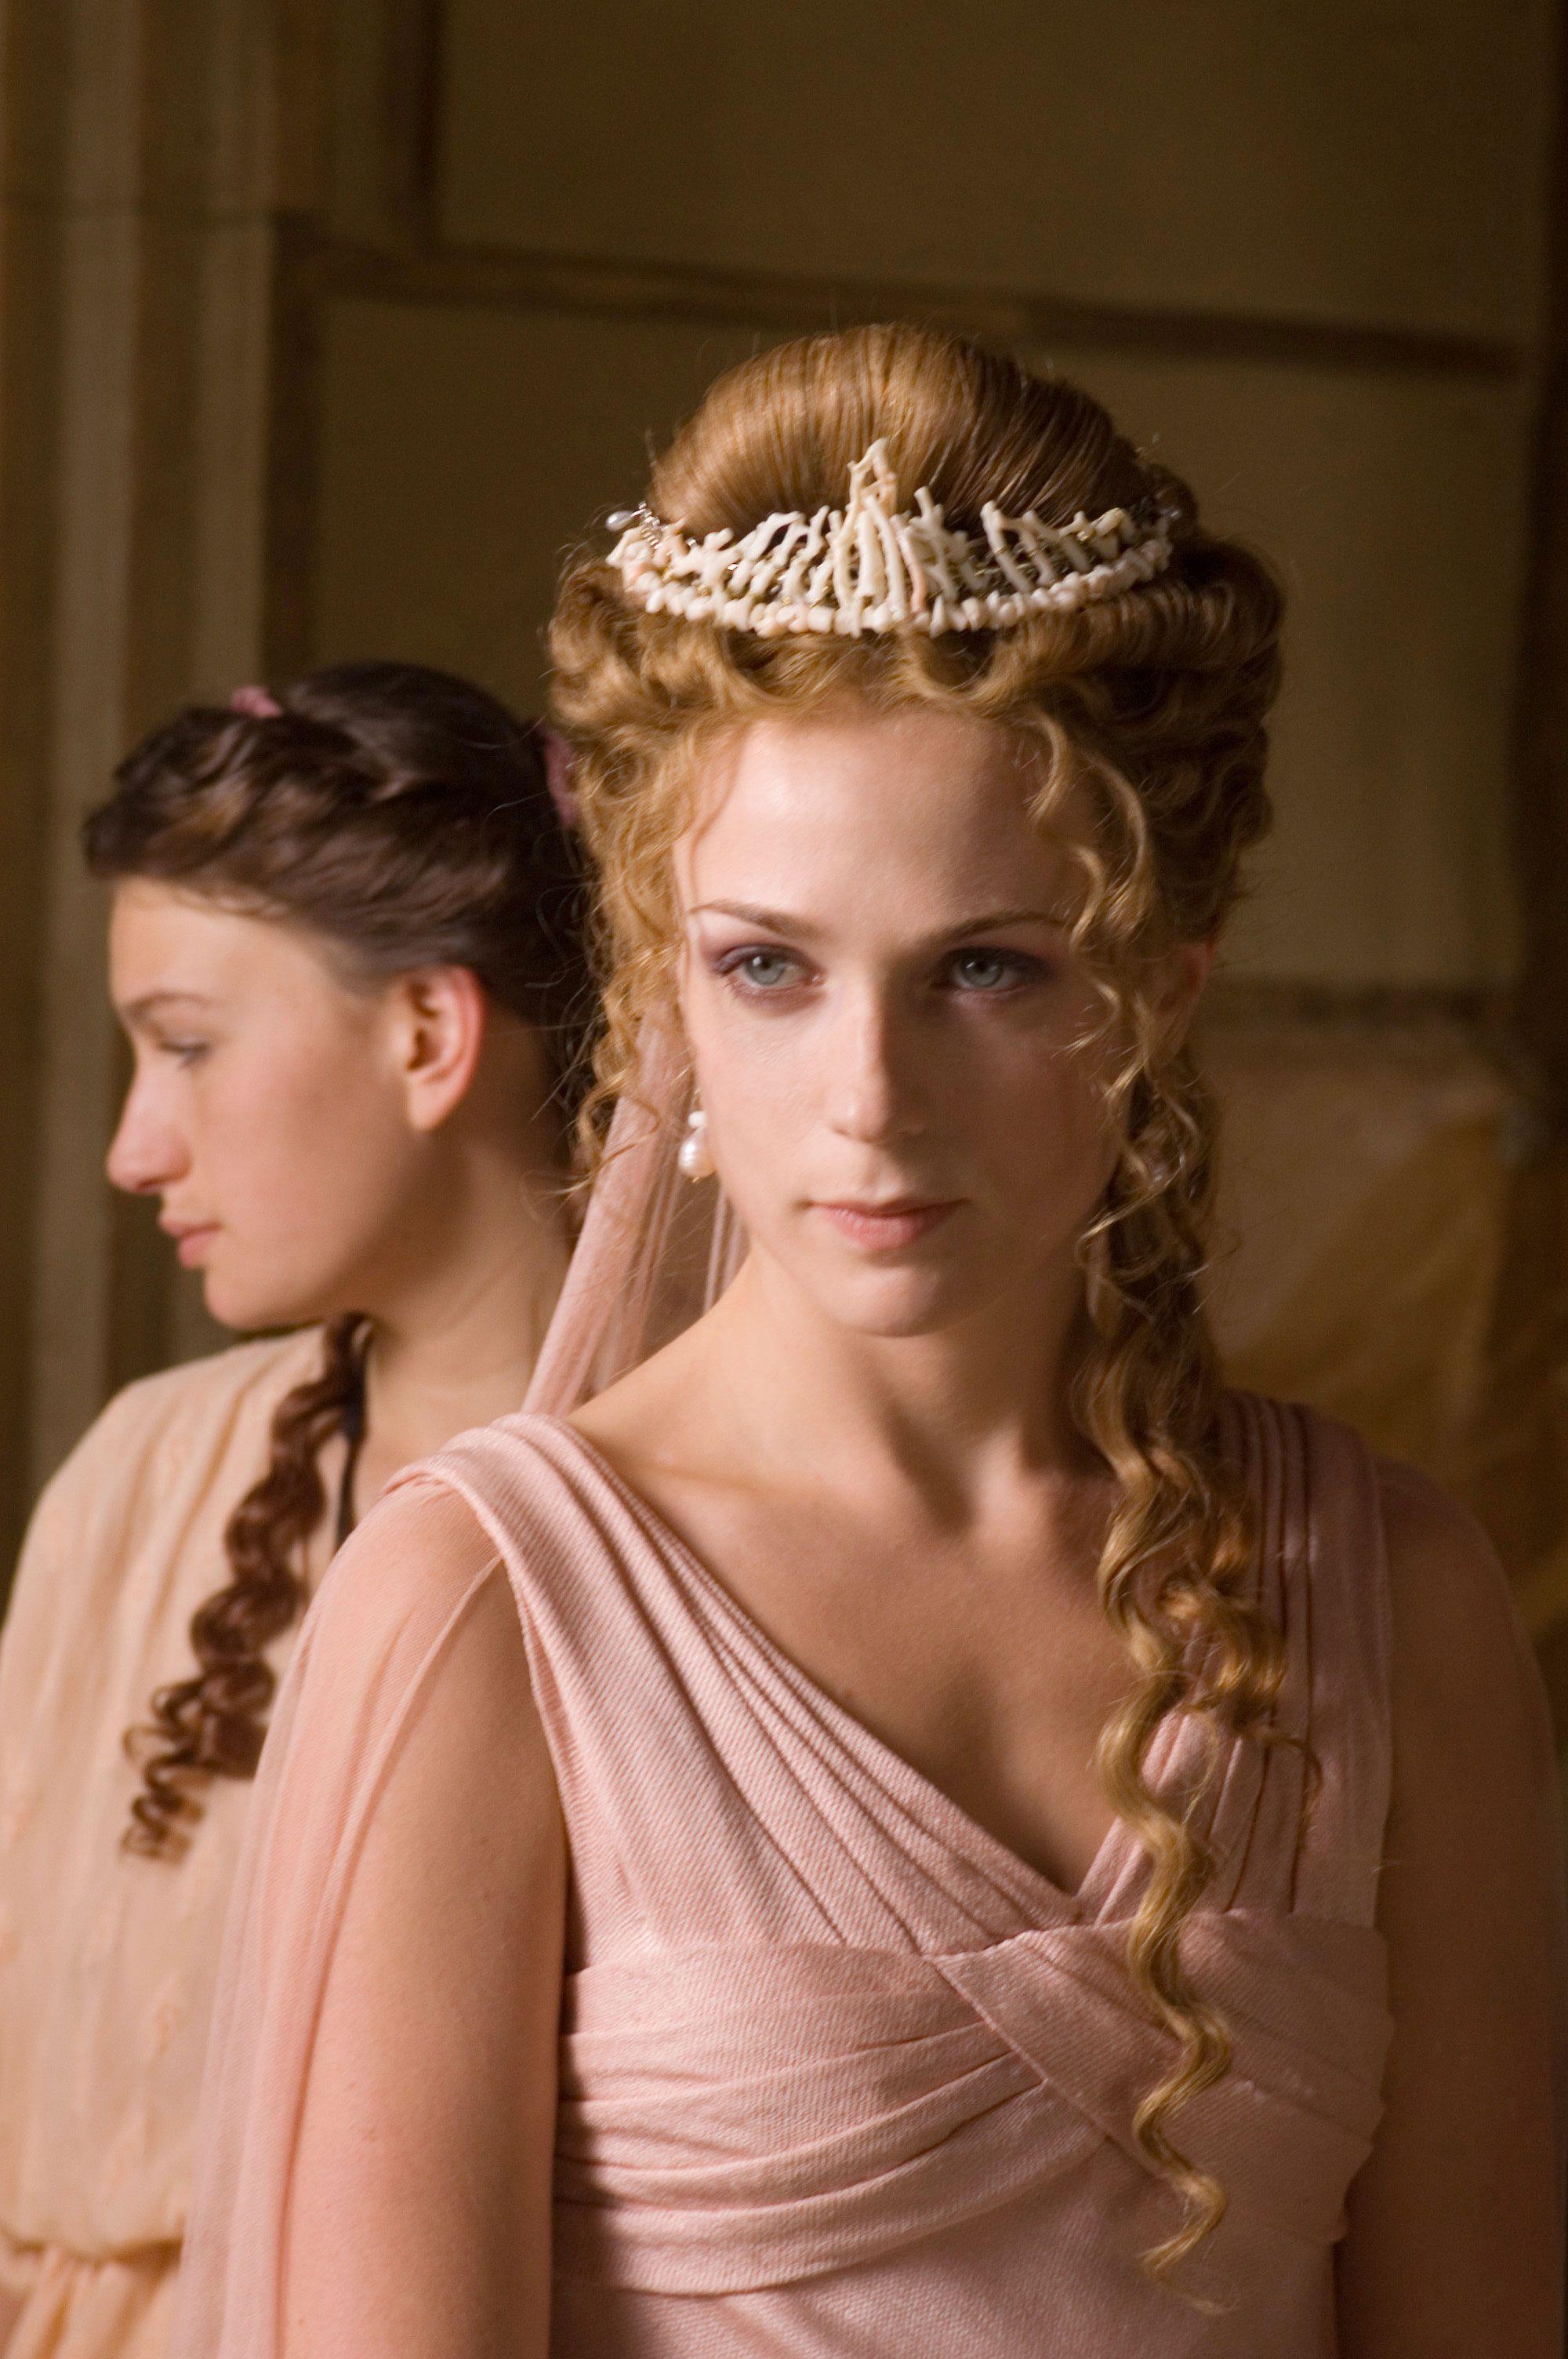 Diversión y halagos peinados romanos Fotos de cortes de pelo estilo - Idea de Kristine en Medusa | Peinados romanos, Trajes ...